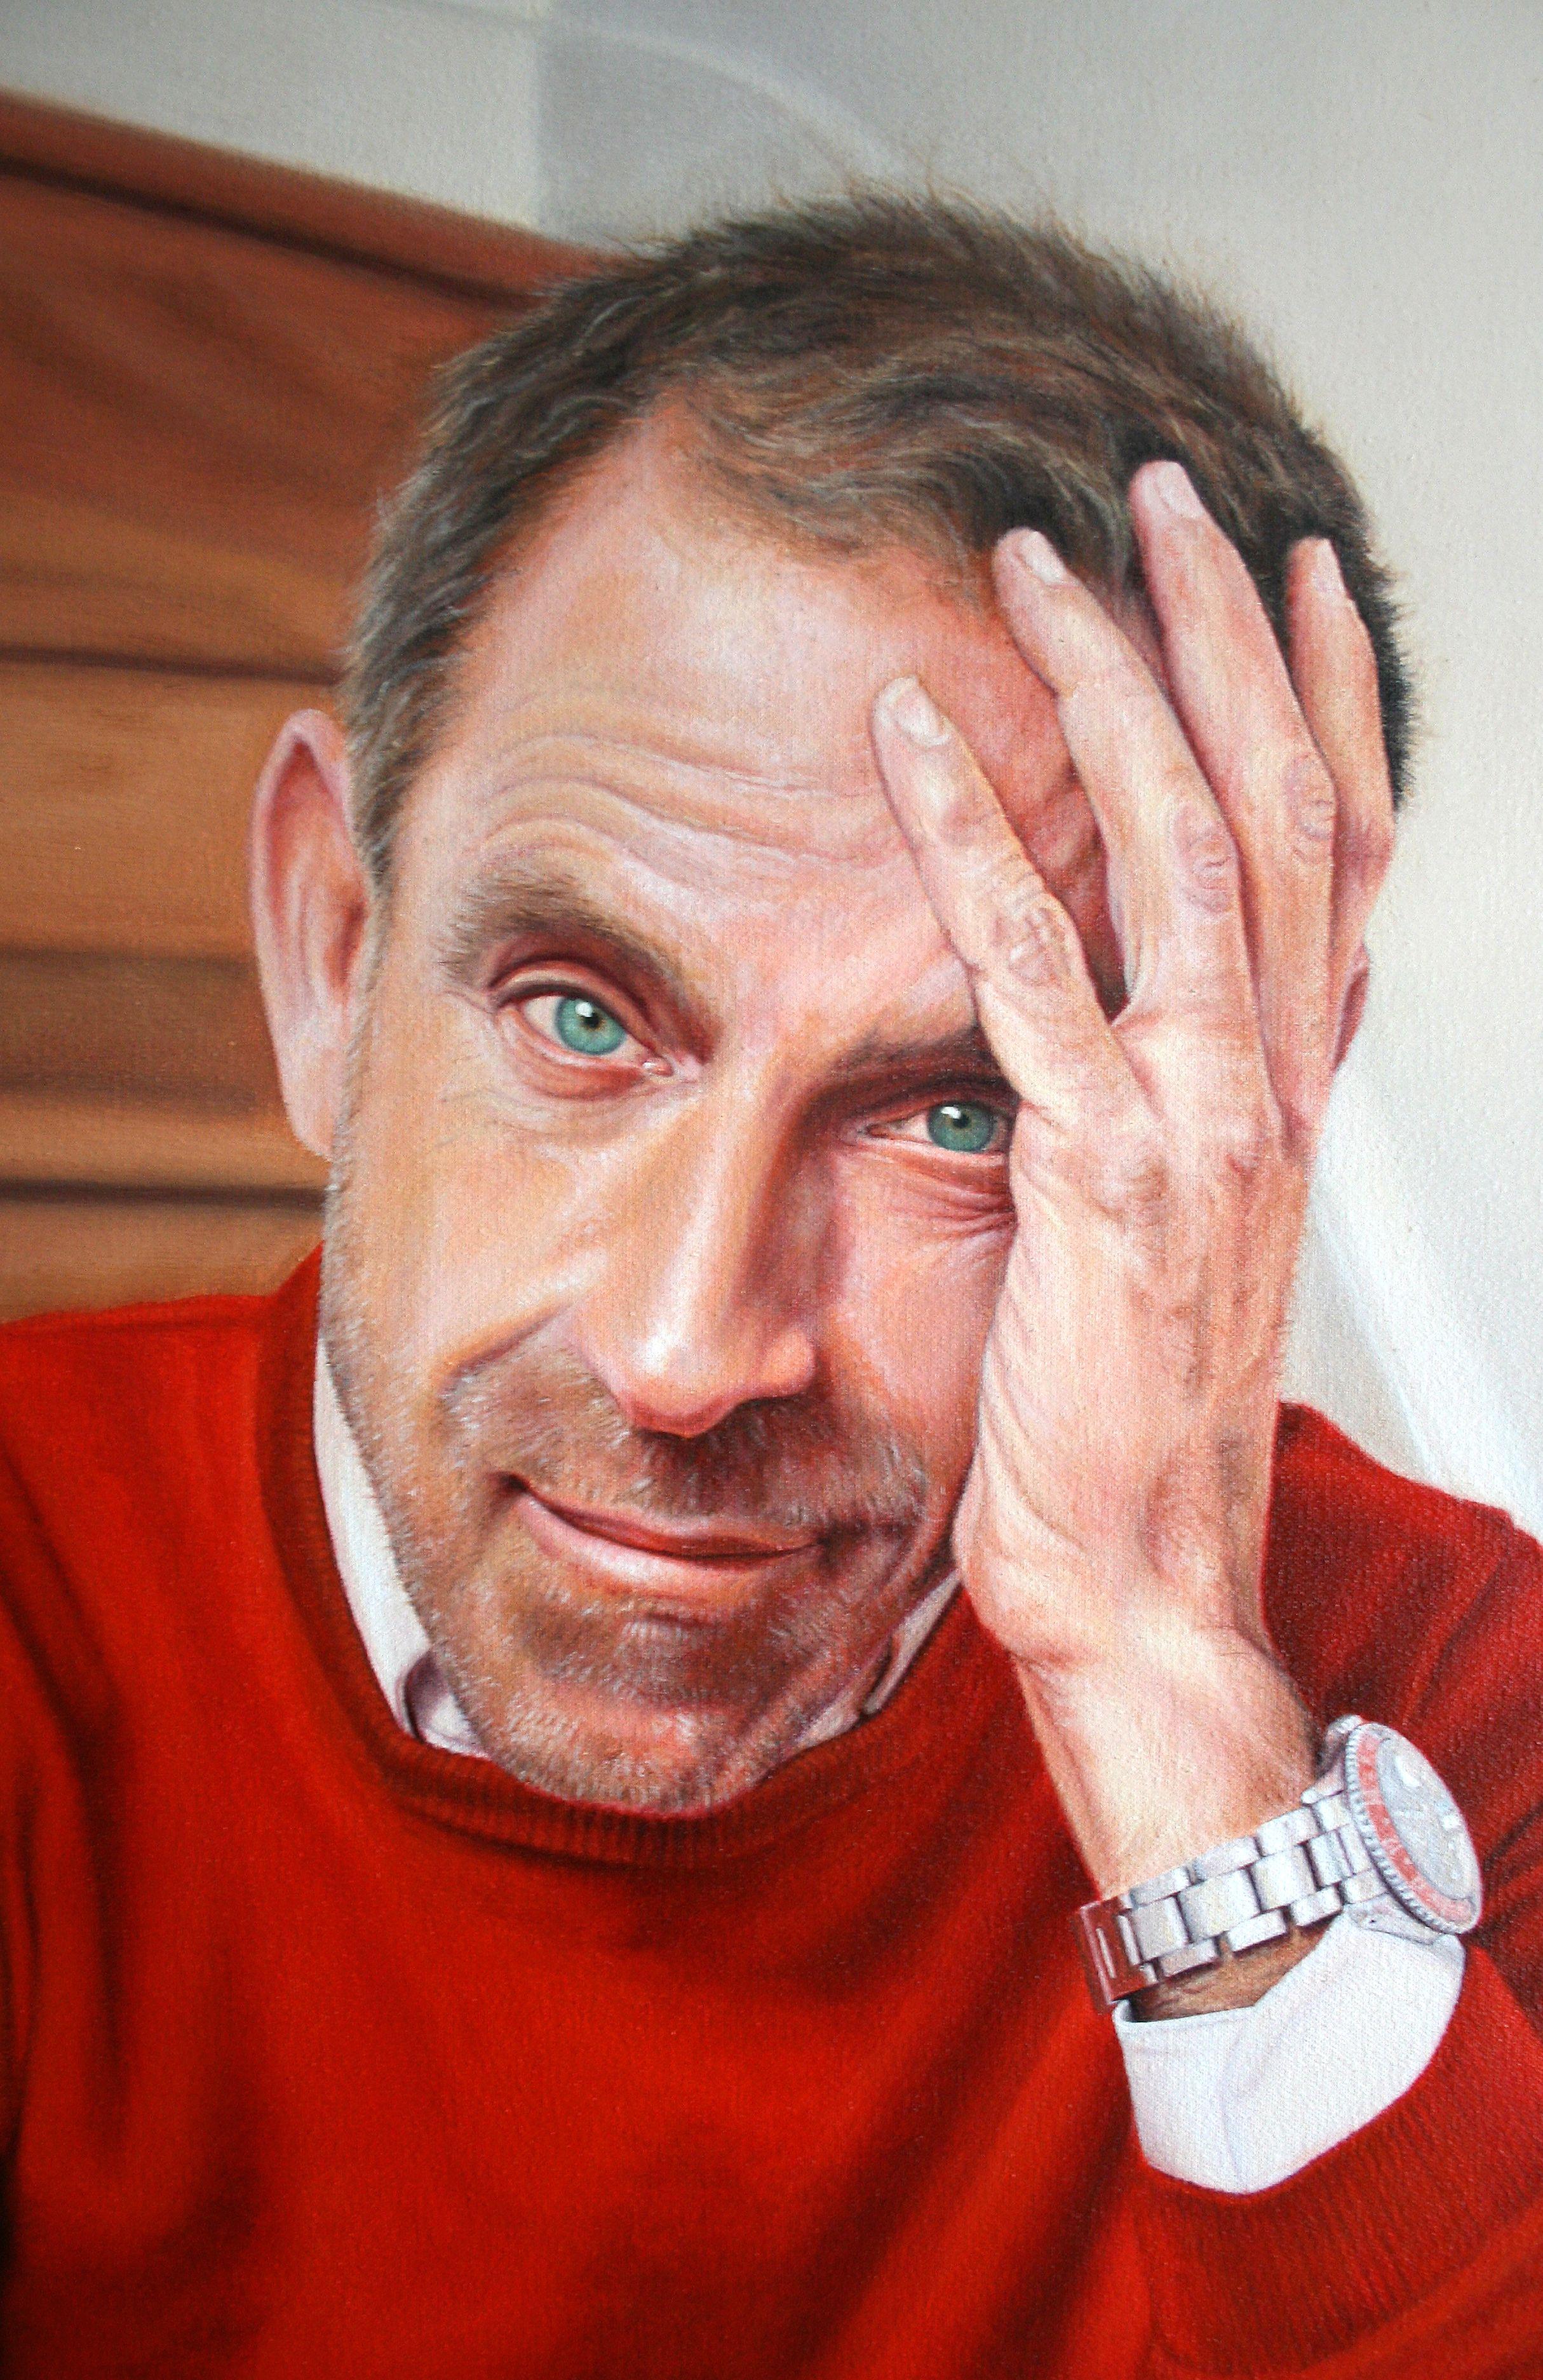 Portrait Of Fashion Designer Amp Tv Personality Ben De Lisi National Portrait Gallery Portrait Rings For Men Fashion